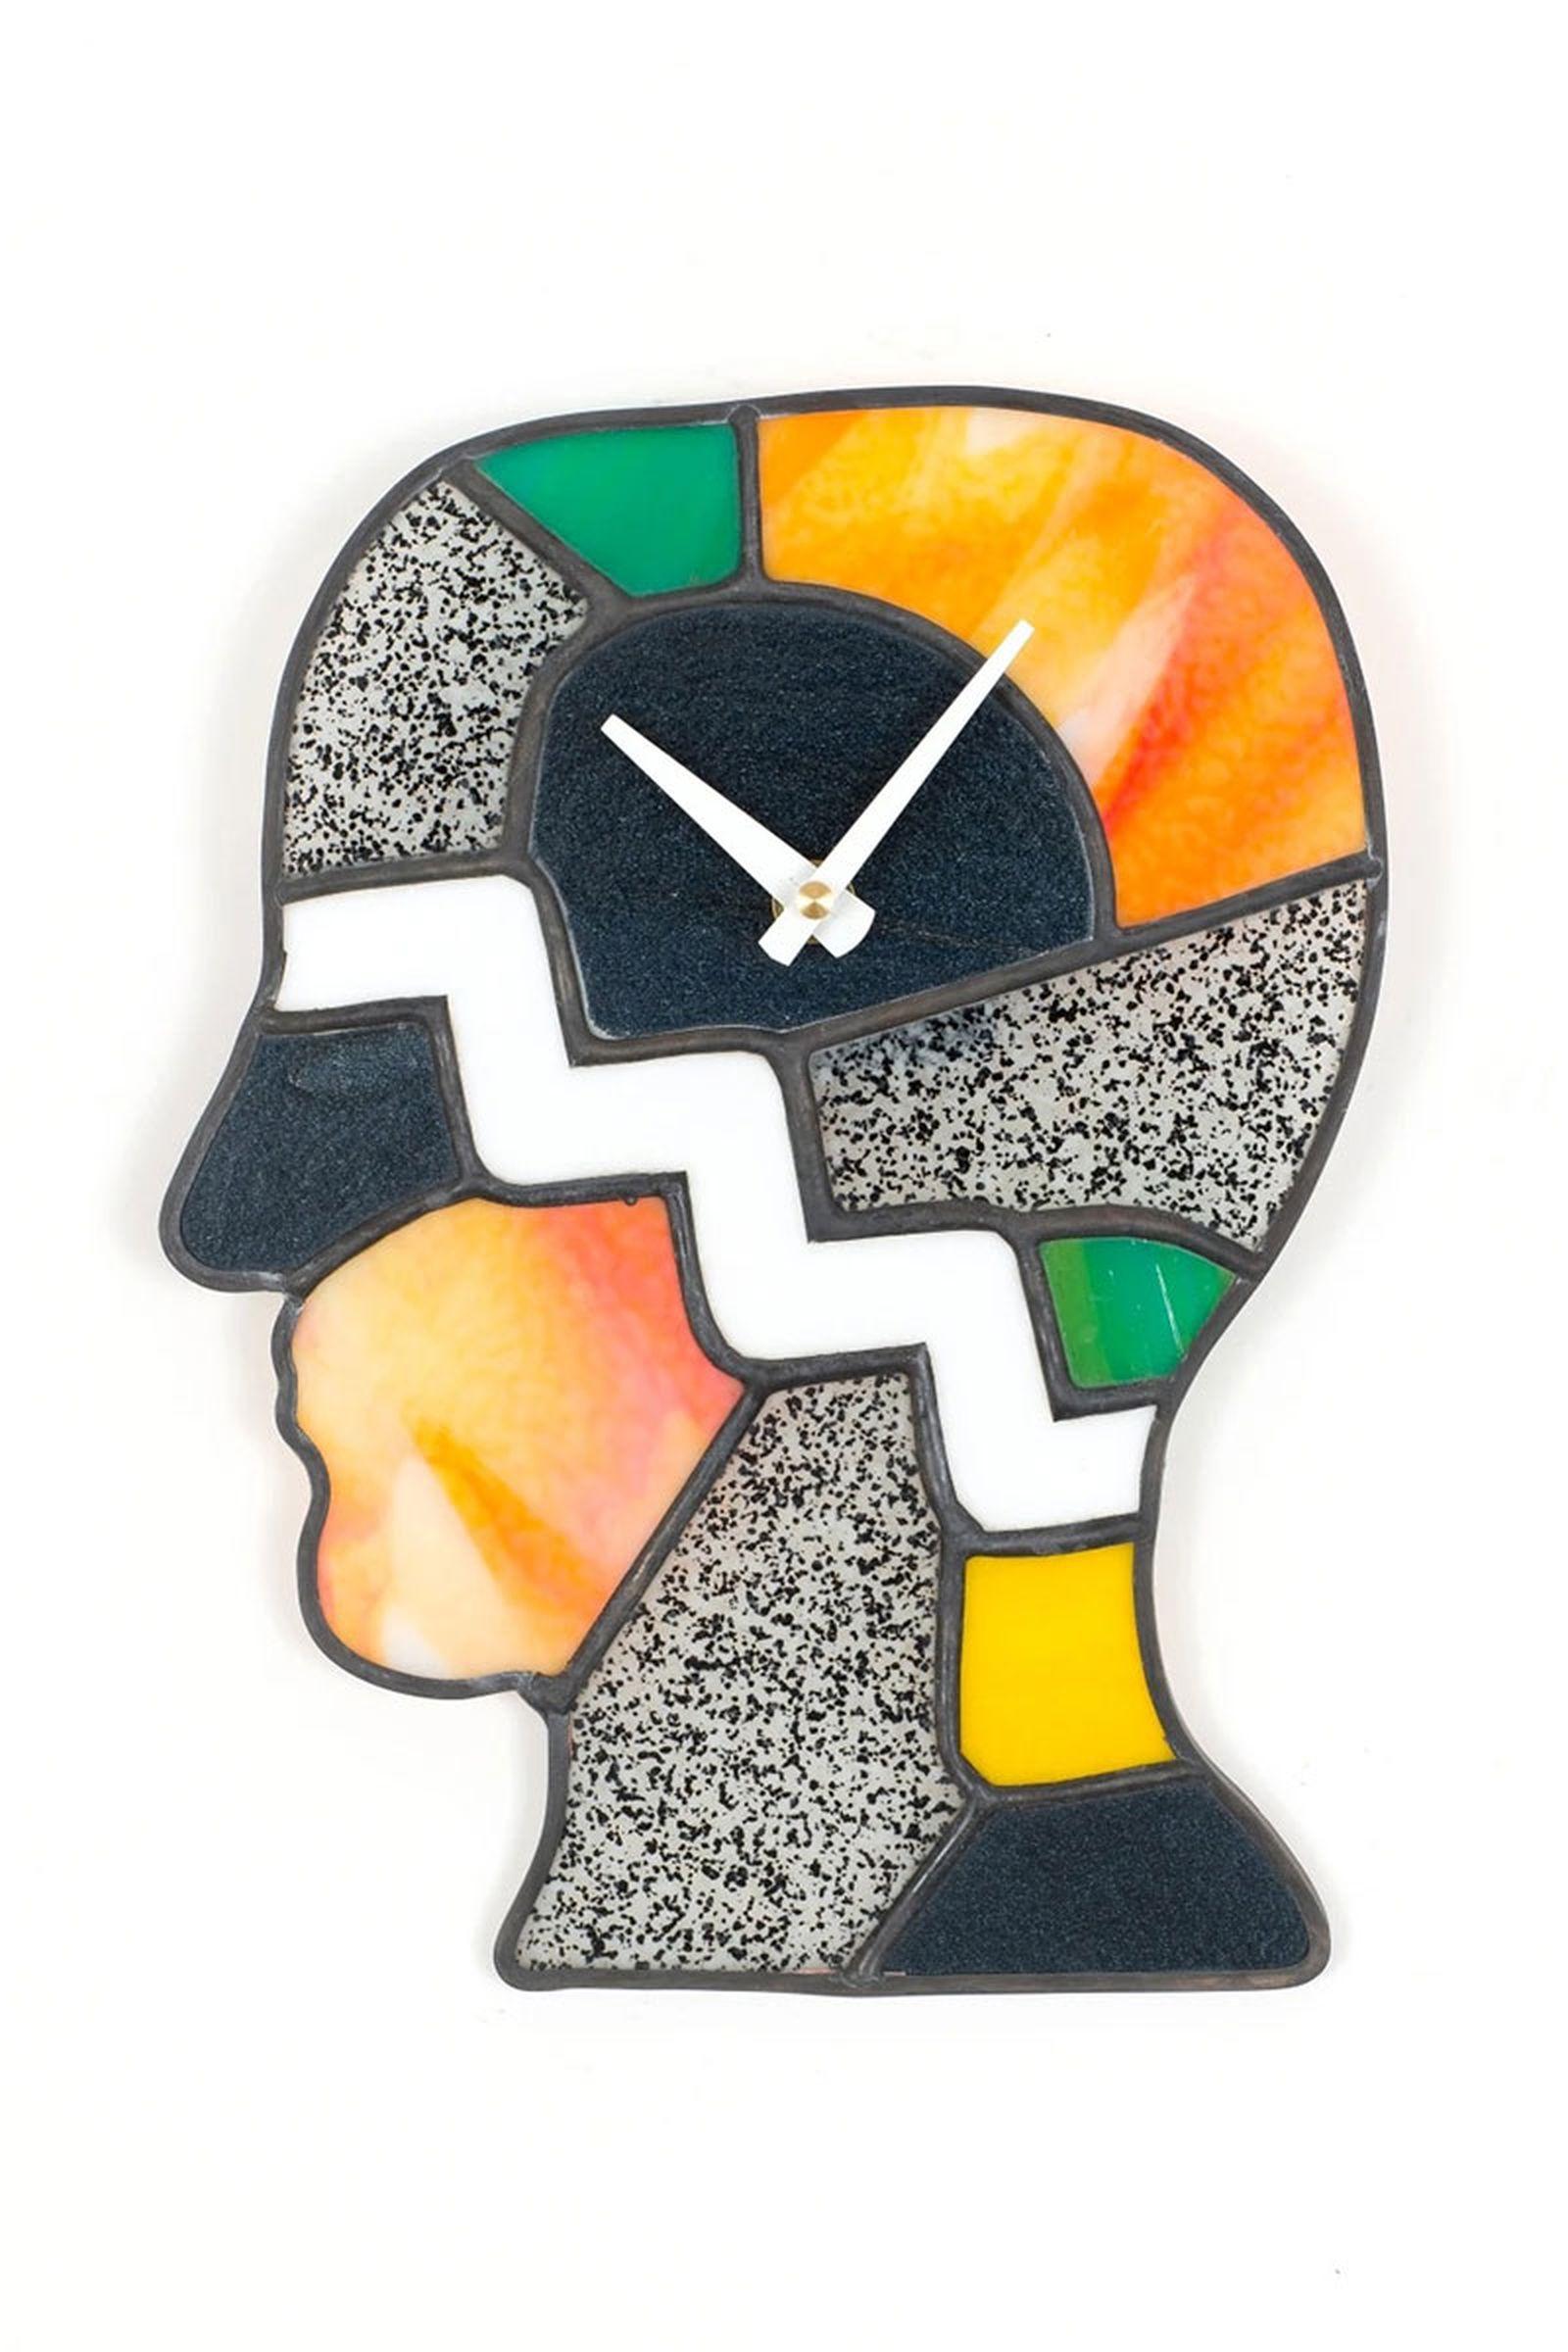 brain-dead-kerbi-urbanowski-stained-glass-clocks-(3)